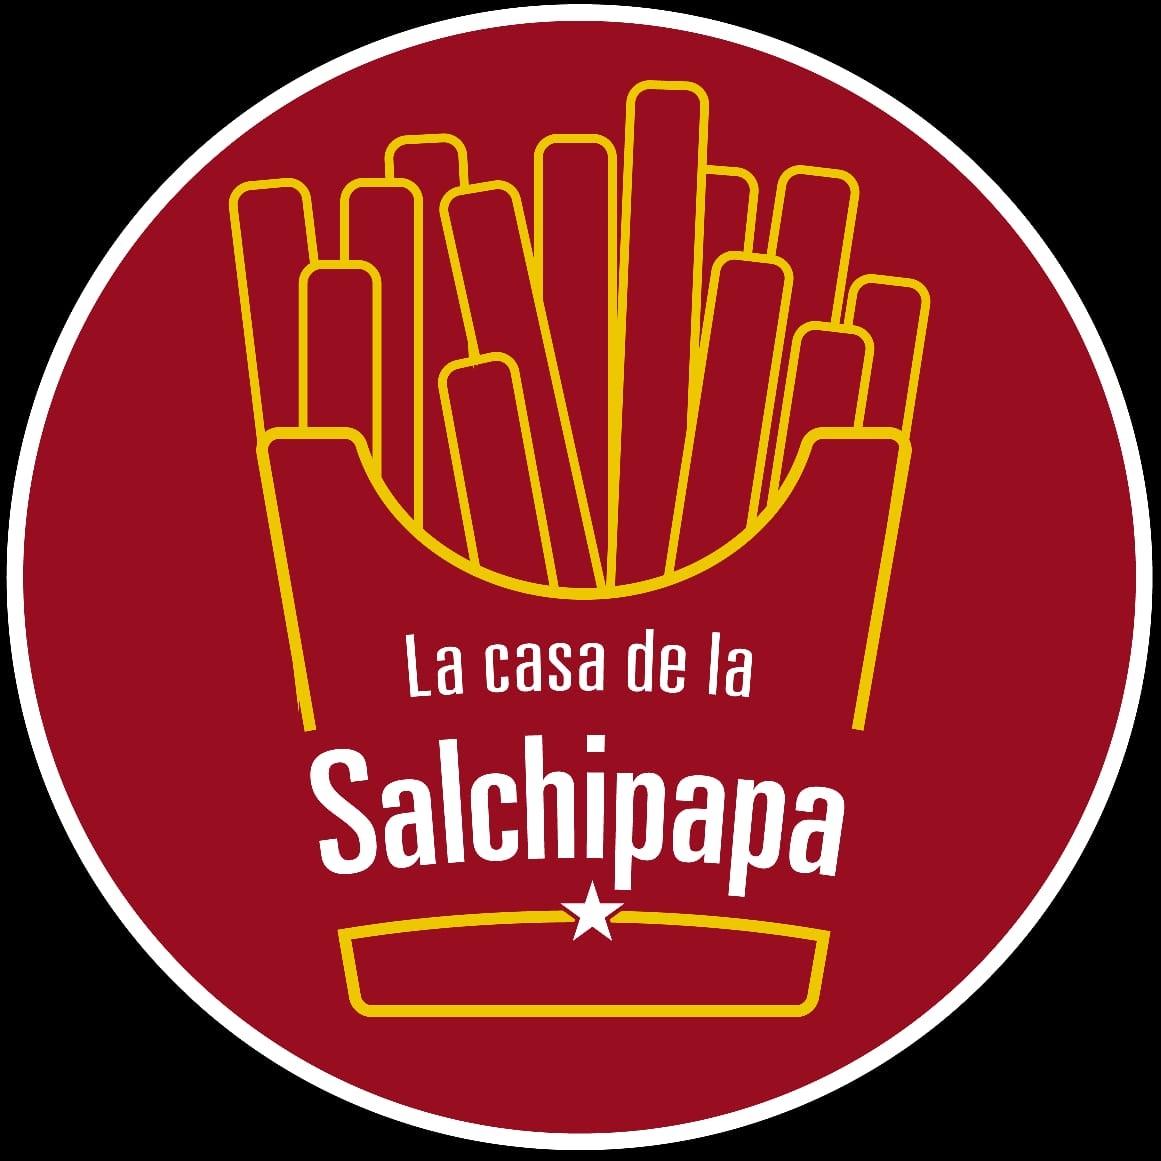 La Casa de la Salchipapa